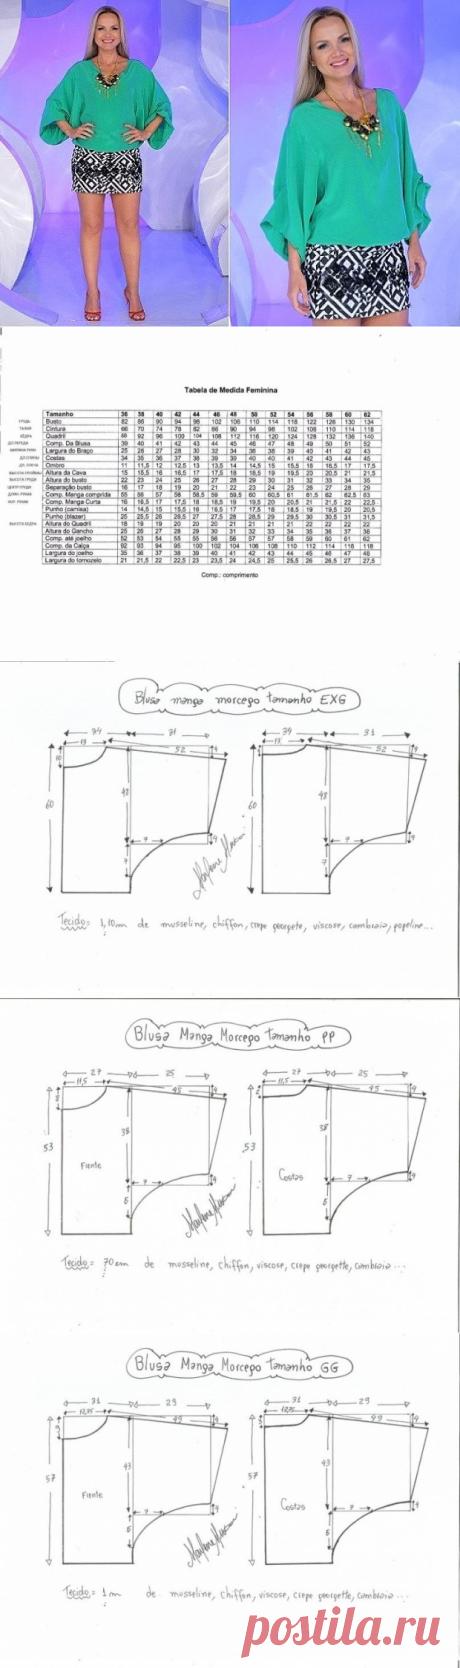 """Выкройка блузки """"летучая мышь"""", размер Евро  36-60 (Шитье и крой) – Журнал Вдохновение Рукодельницы"""